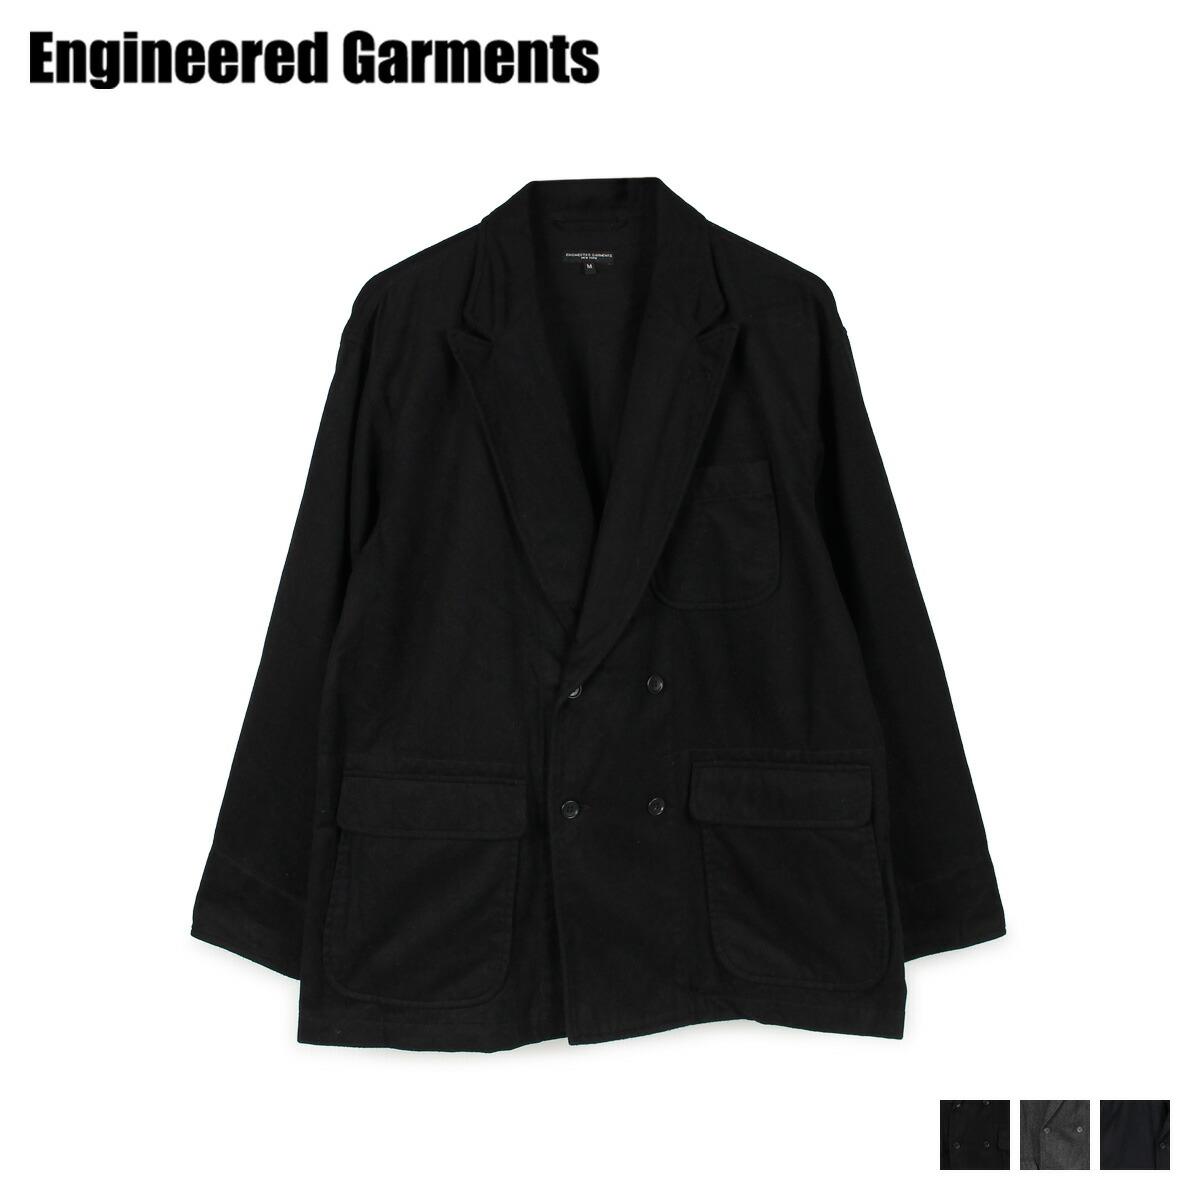 【最大2000円OFFクーポン】 エンジニアドガーメンツ ENGINEERED GARMENTS ジャケット メンズ DL JACKET ブラック グレー ネイビー 黒 19FD003